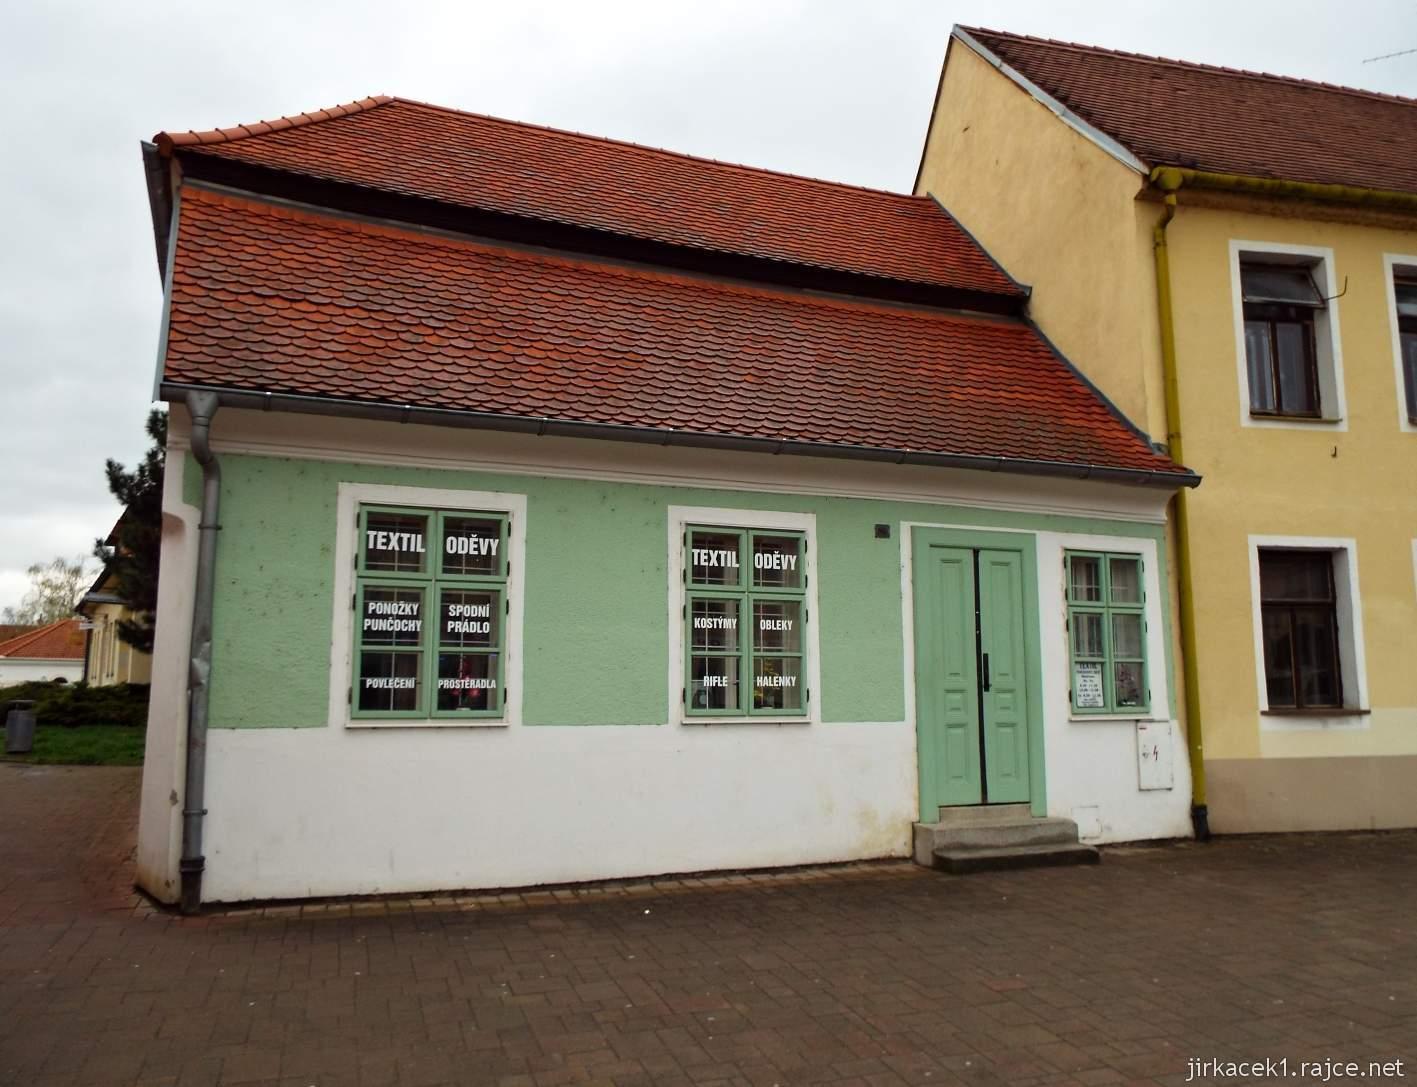 Slavkov u Brna - Palackého náměstí - maličký domek vedle hostince U černého lva s číslem 80 - vedle stávala Hodinová brána